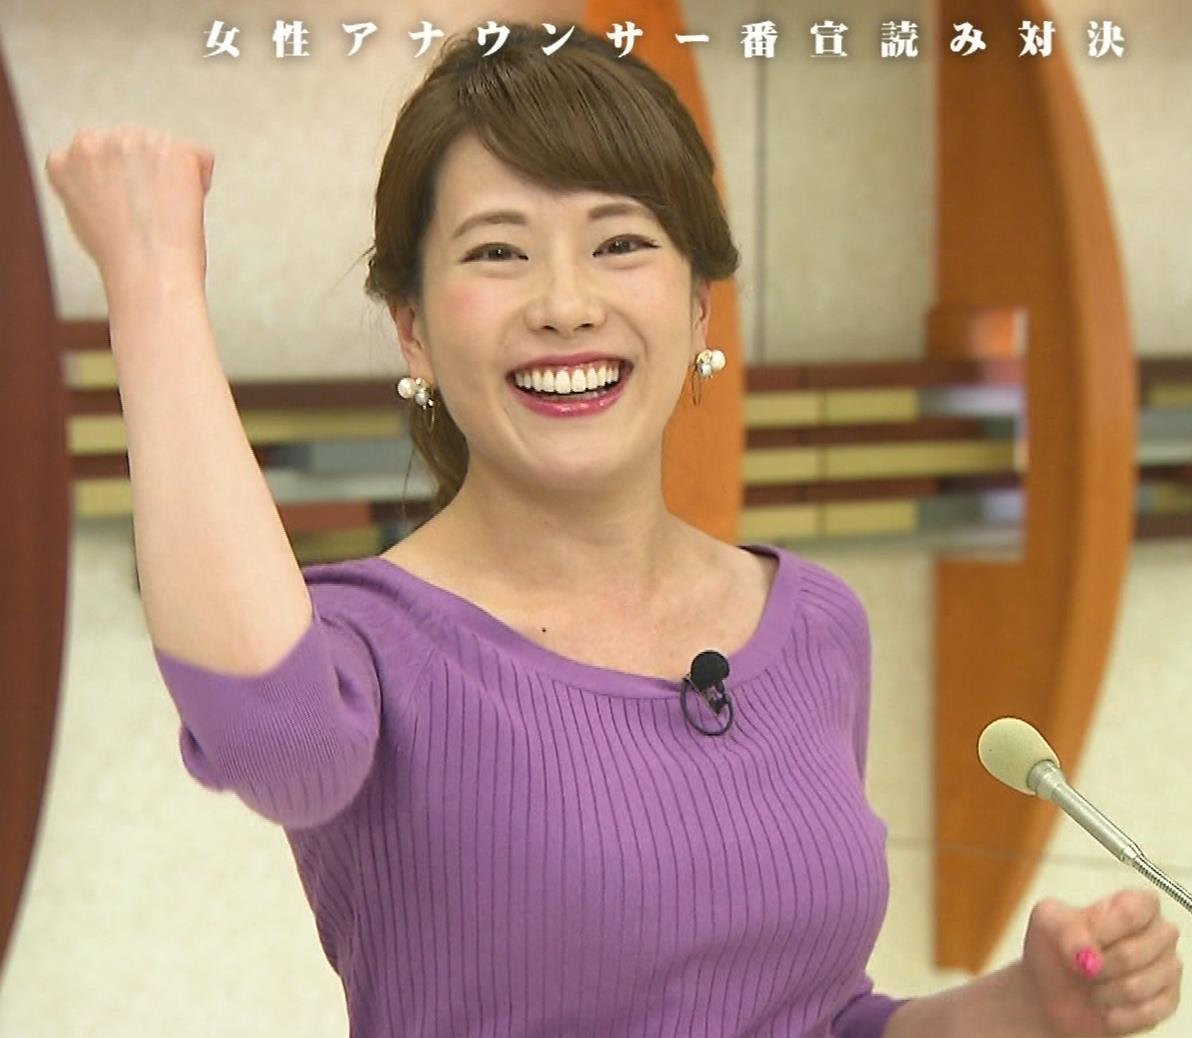 新垣泉子アナ 福岡の巨乳アナキャプ・エロ画像2